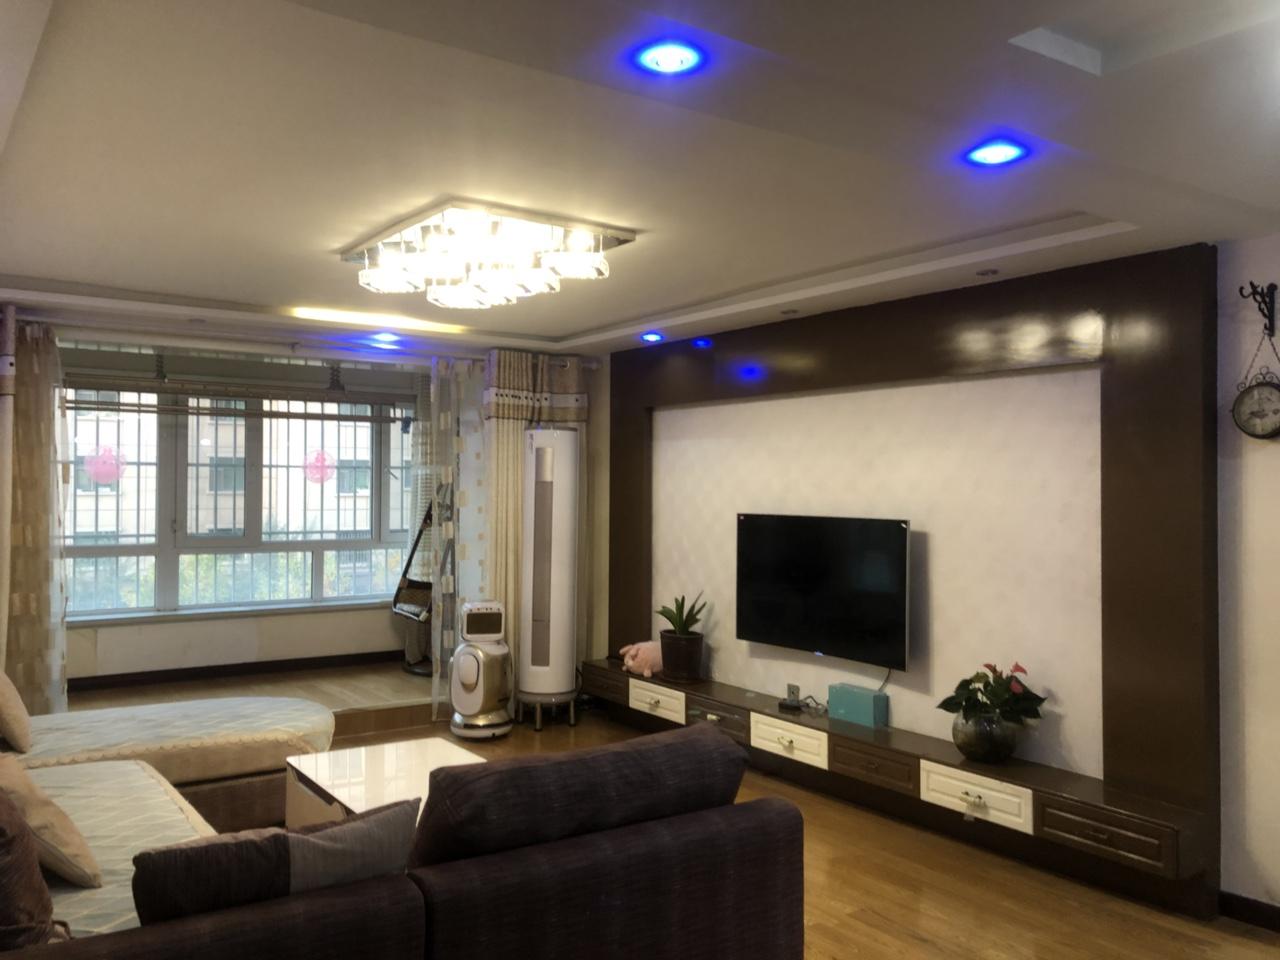 上东湖(熙泰园)3室2厅1卫精装修69万元